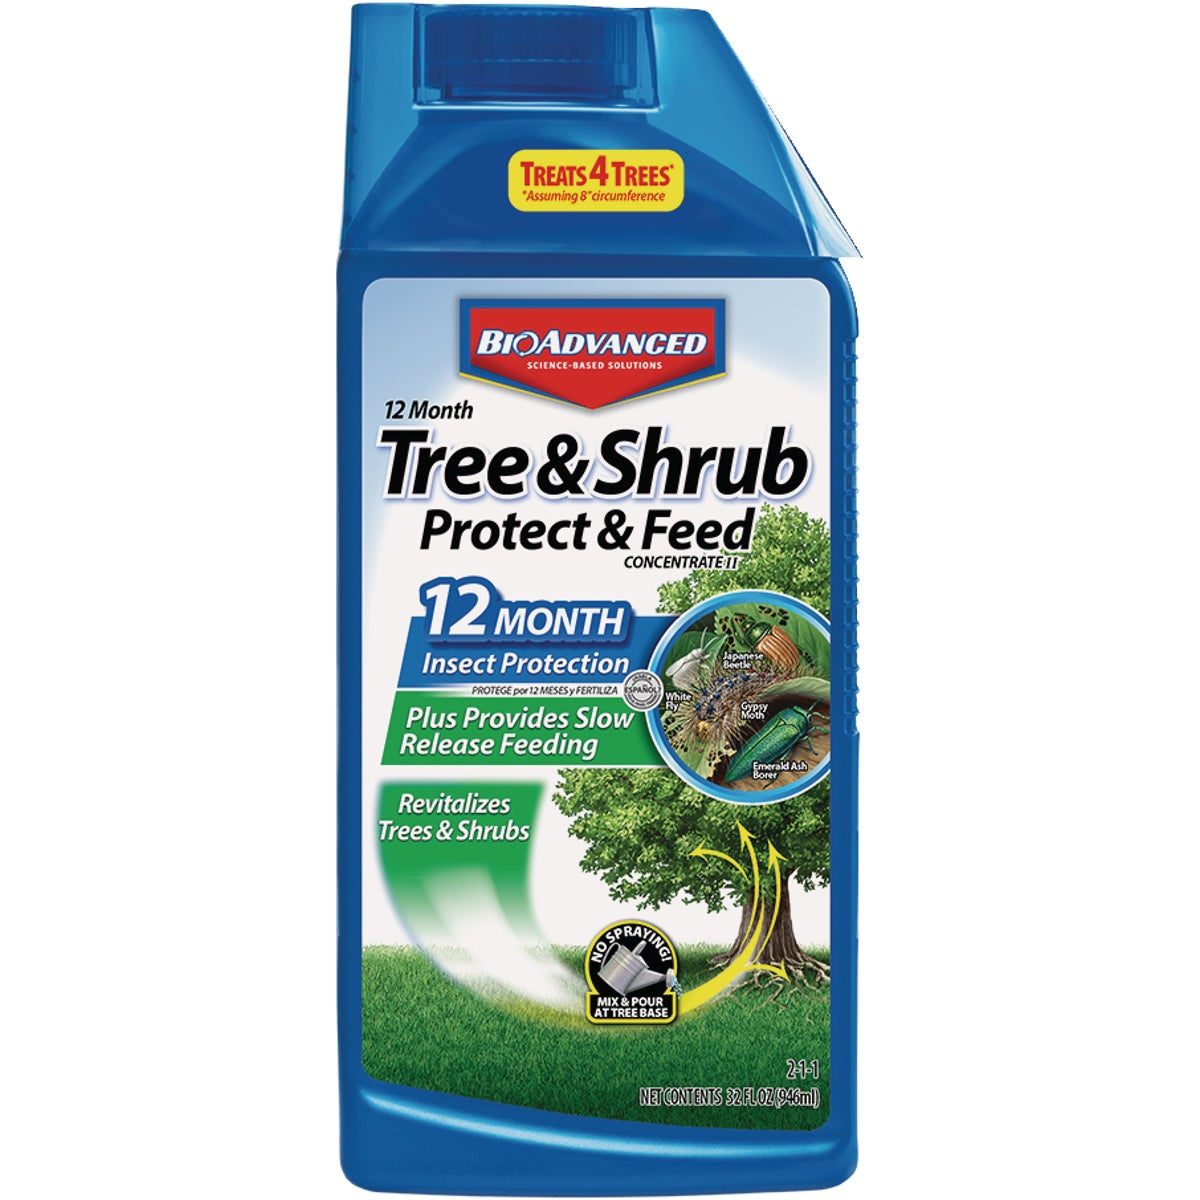 32OZ TREE & SHRUB CARE